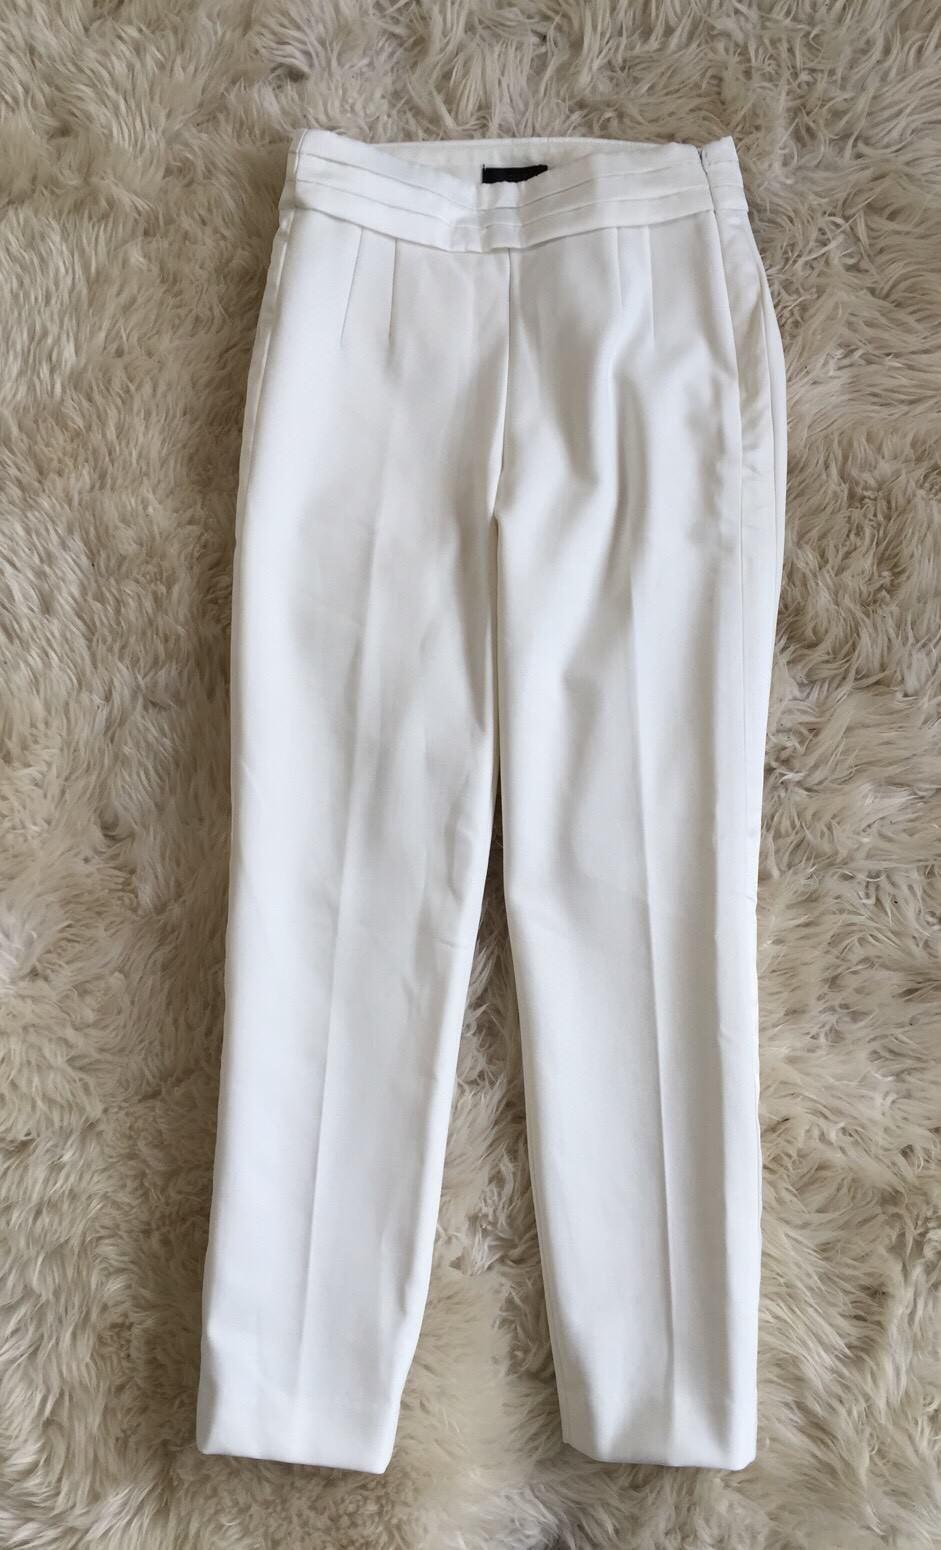 NEW JCrew  118 Martie Tuxedo Pants in Seasonless Stretch Size 0 Ivory H2752